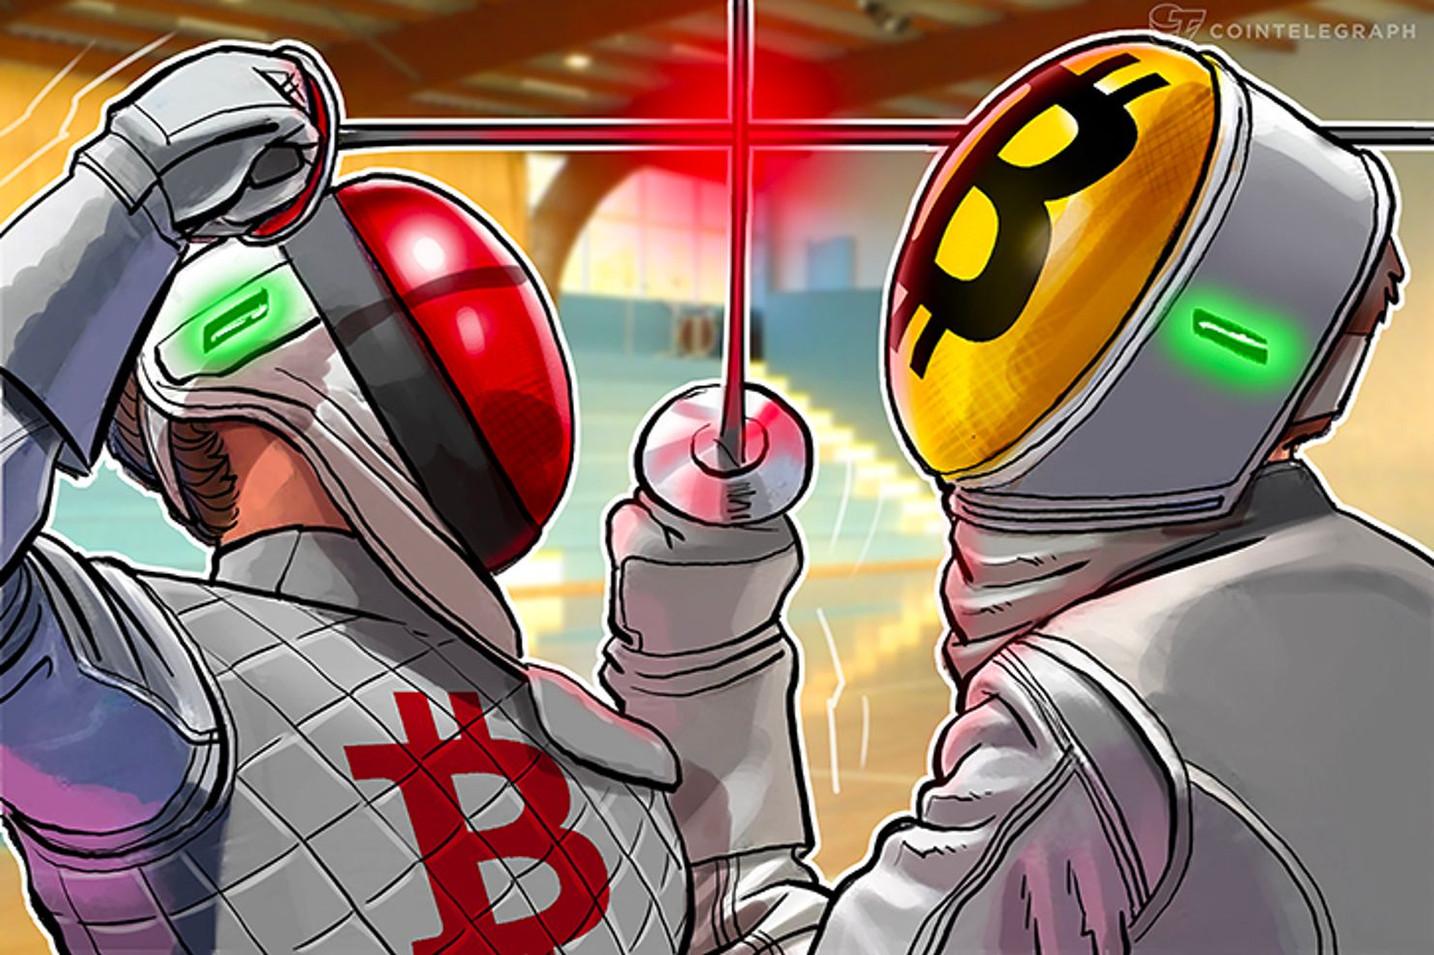 【追記あり】SBI北尾氏 「ビットコインキャッシュ推しだったのに…」| 仮想通貨ビットコインの中国独占は「変える」と強気